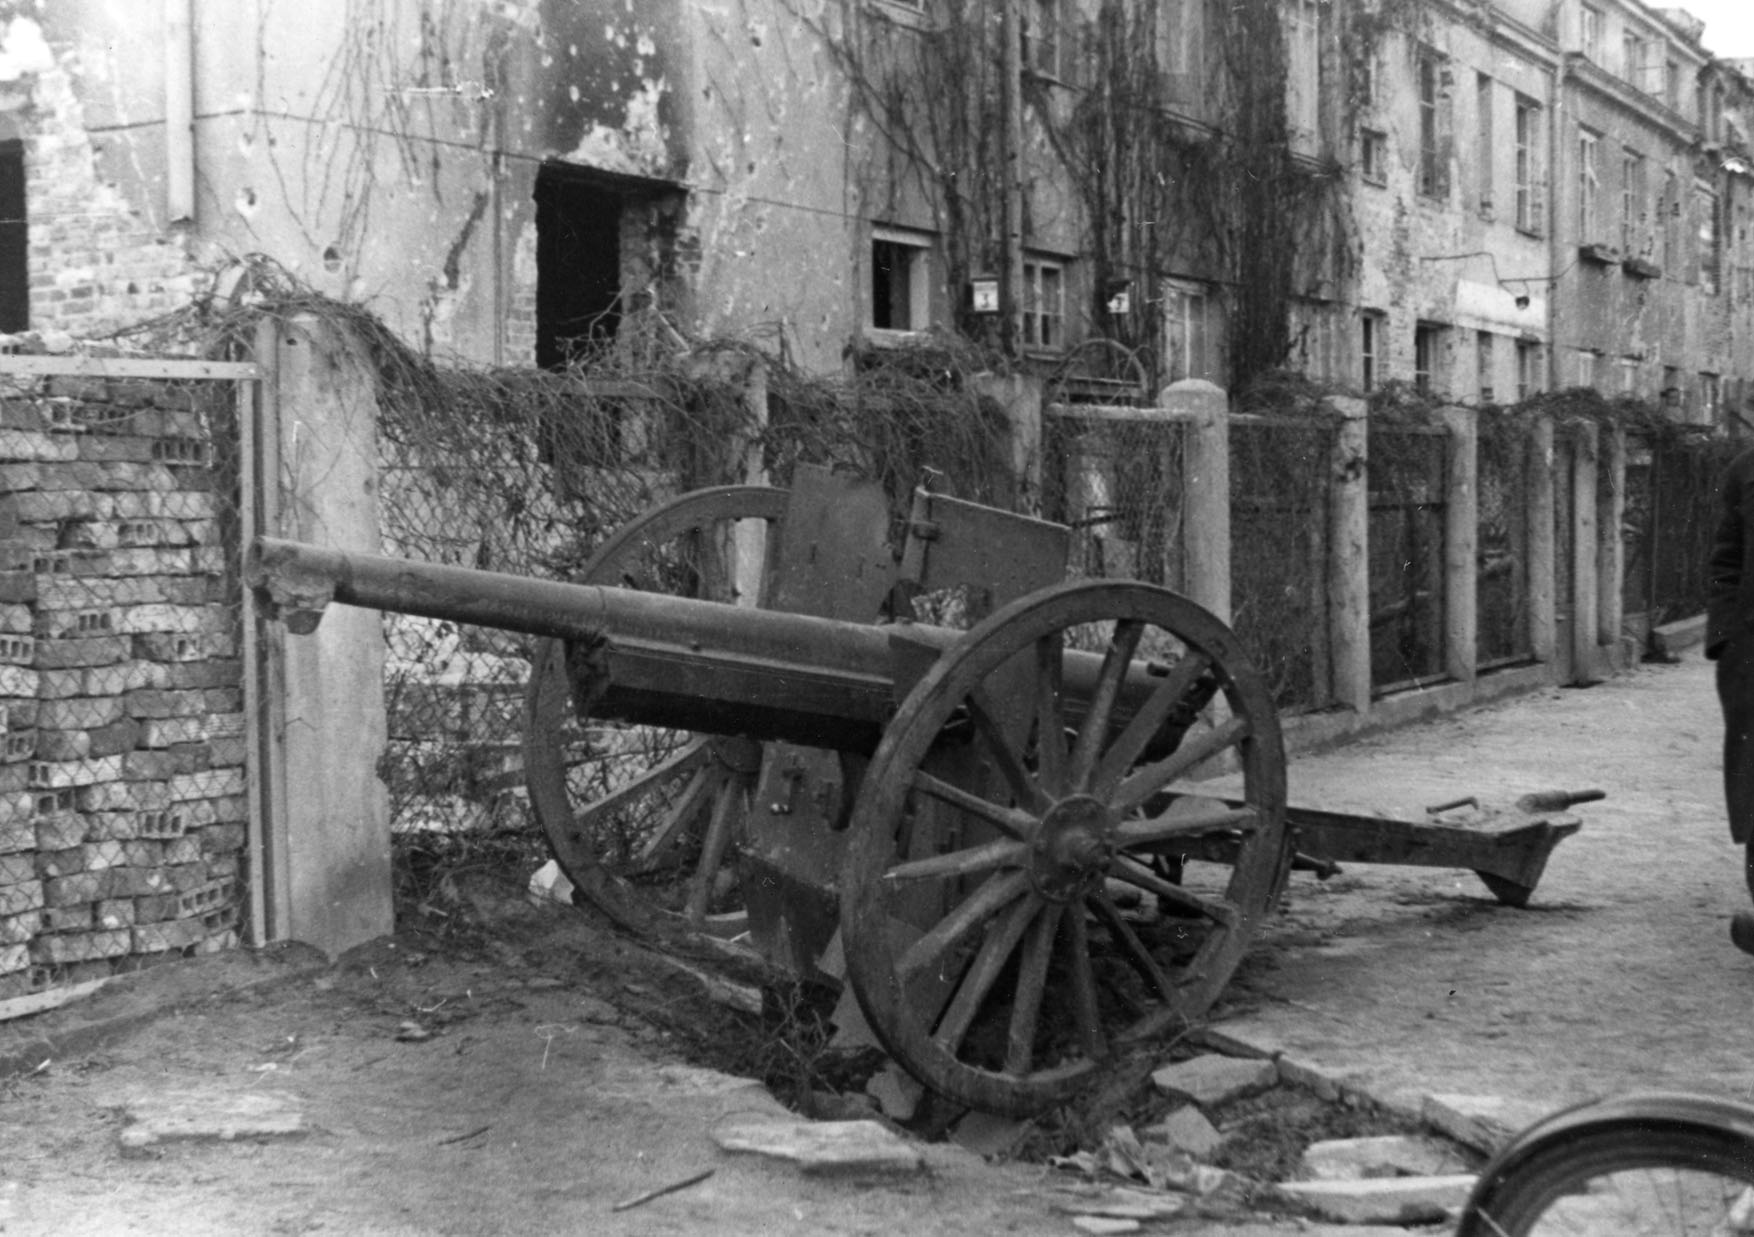 Warszawa. Armata porzucona przed domem przy Francuskiej 3 po kapitulacji Warszawy we wrześniu 1939 r. Fotografia ze zbioru MPW